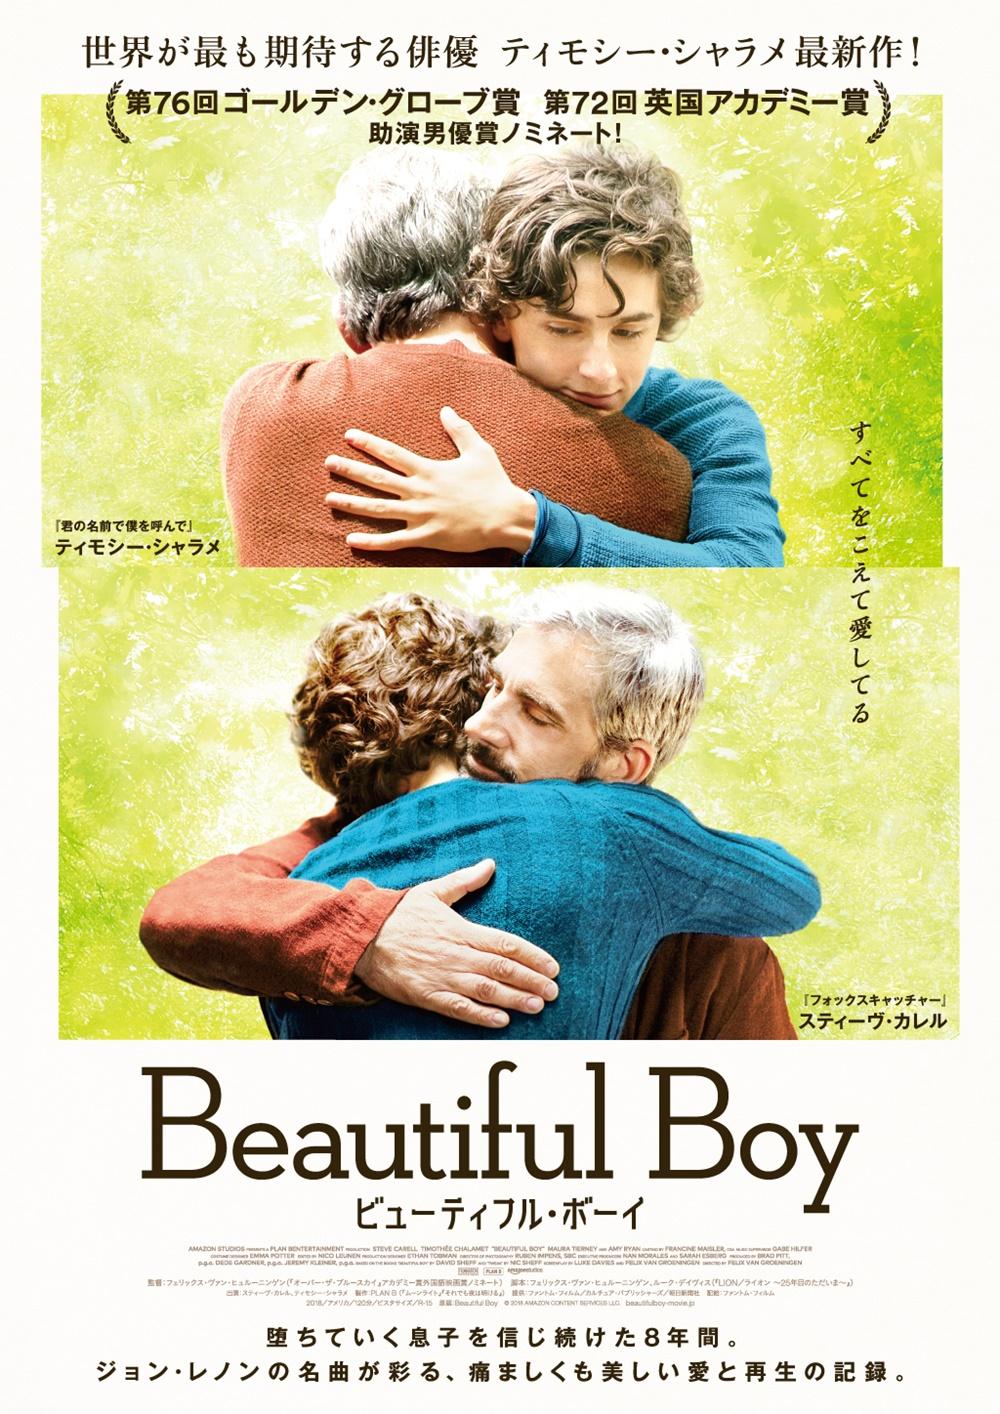 【画像】映画『ビューティフル・ボーイ』(Beautiful Boy) ポスタービジュアル